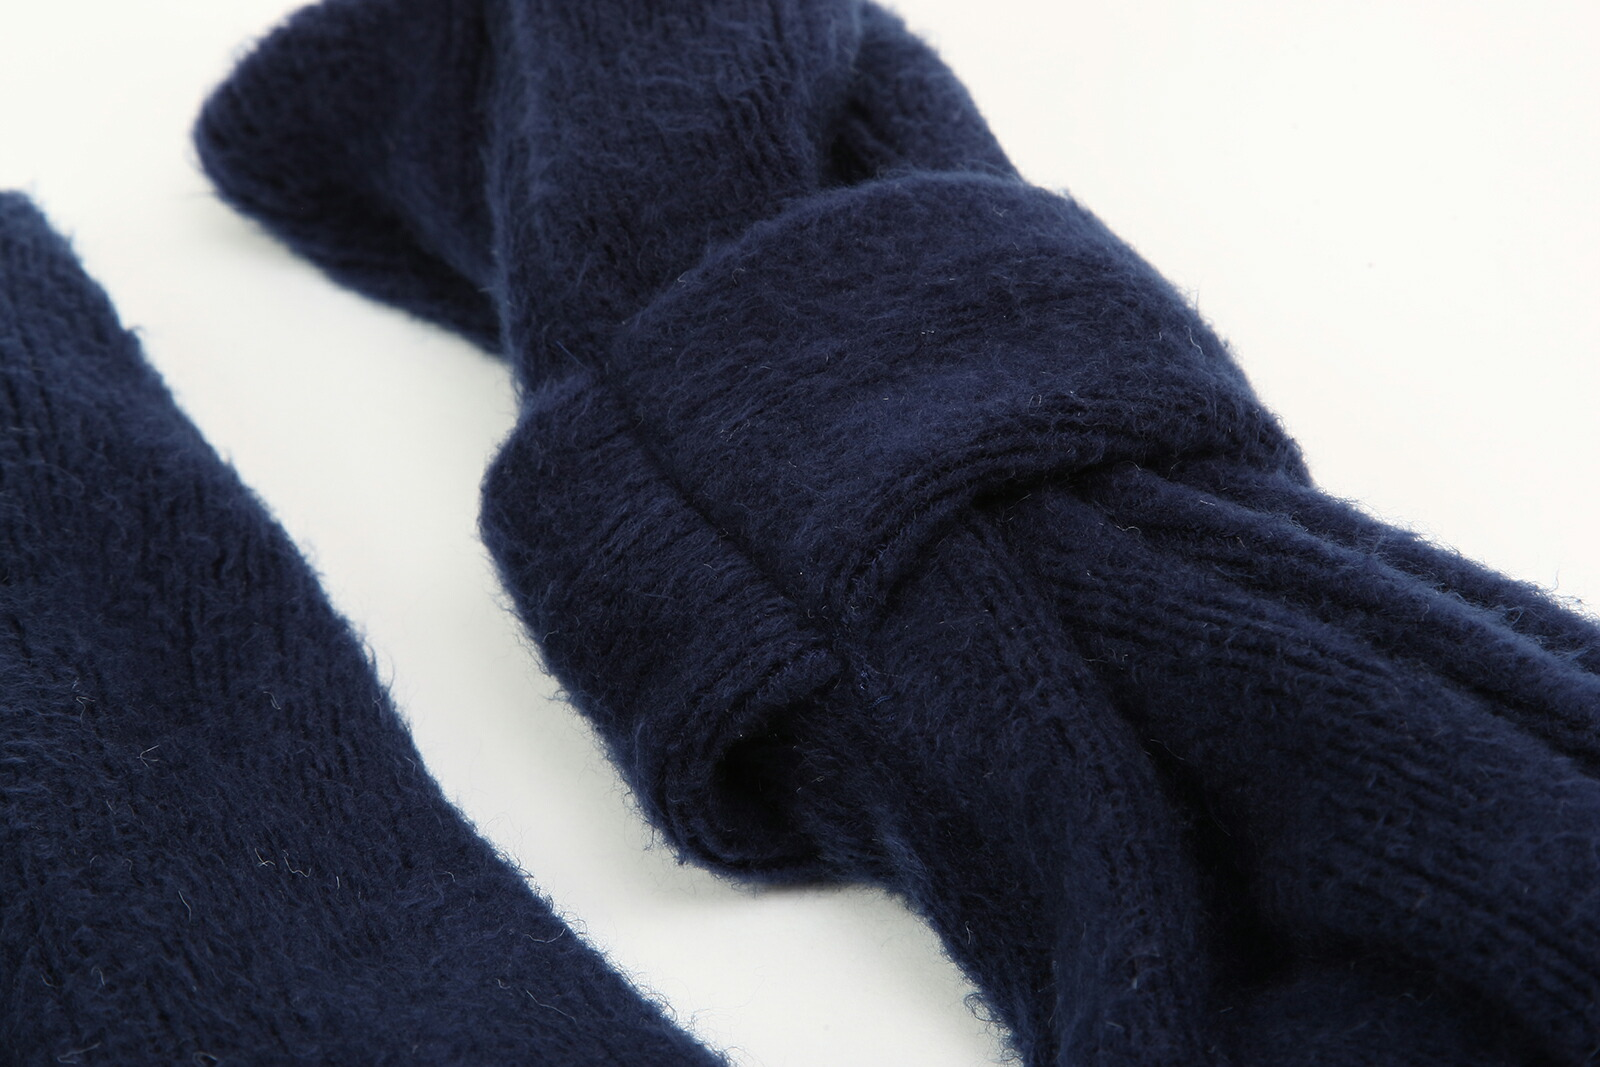 ●紺色無地安全ループインマフラー 通園通学用 肌触りが優しいラッセルミンク起毛 100/110/120/130センチ●●